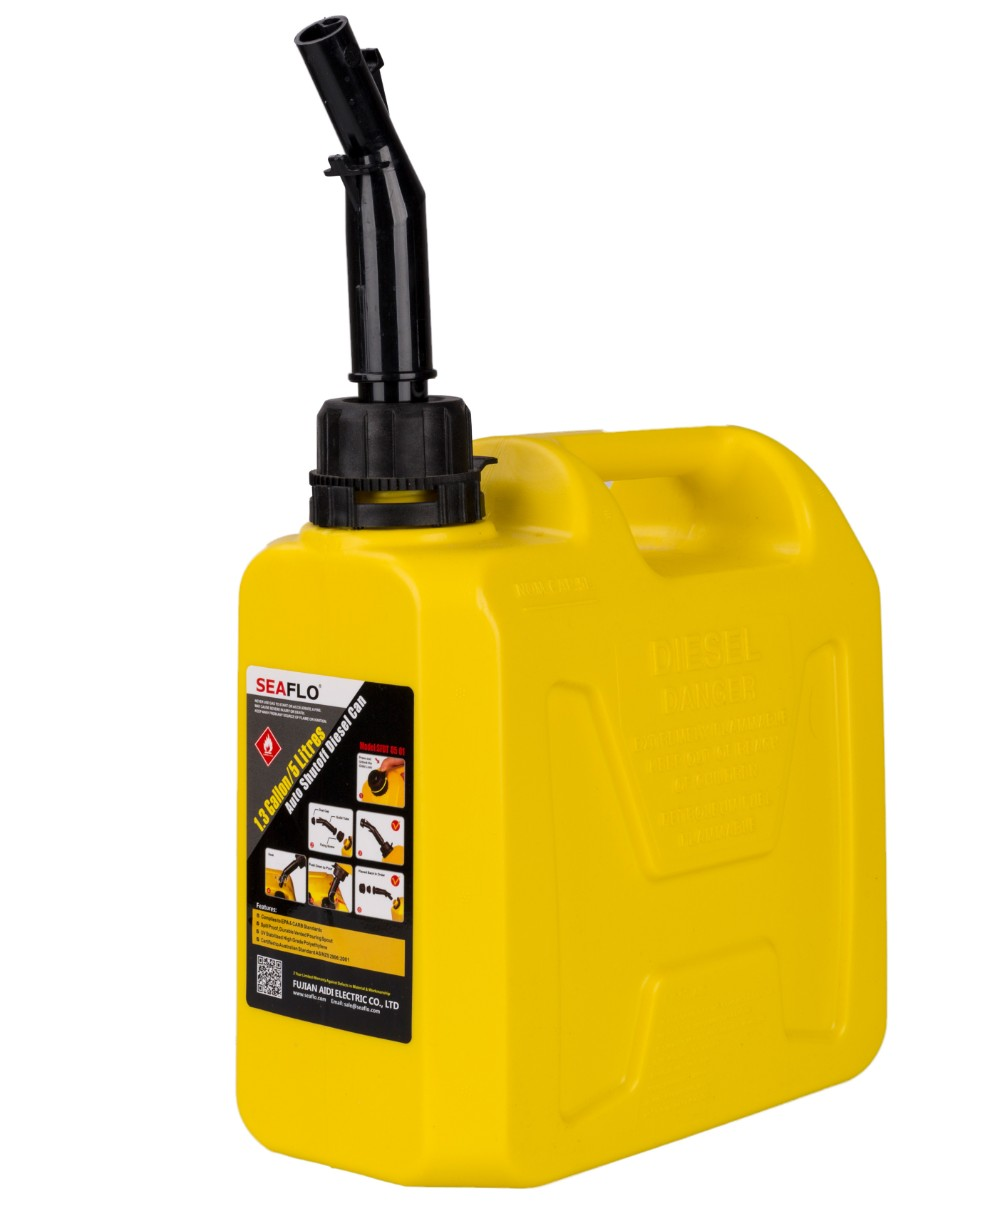 캠핑등유통 캠핑용 휴대용 기름통 석유통 5L 10L 20L 불멍 히터, 5L 노란색